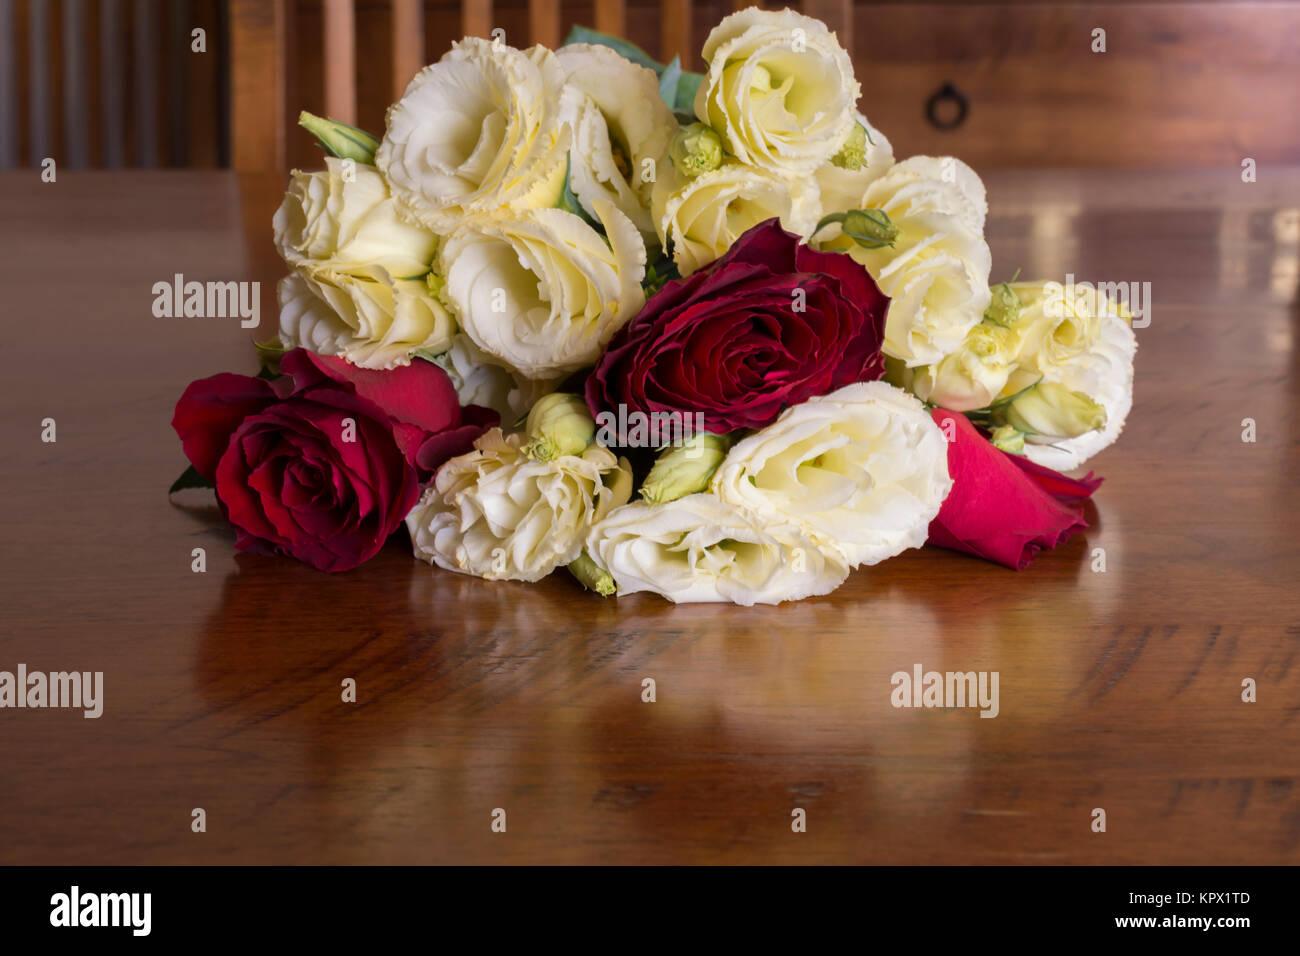 Un bouquet de fleurs roses rouges y compris en fleur et for Commandes fleurs